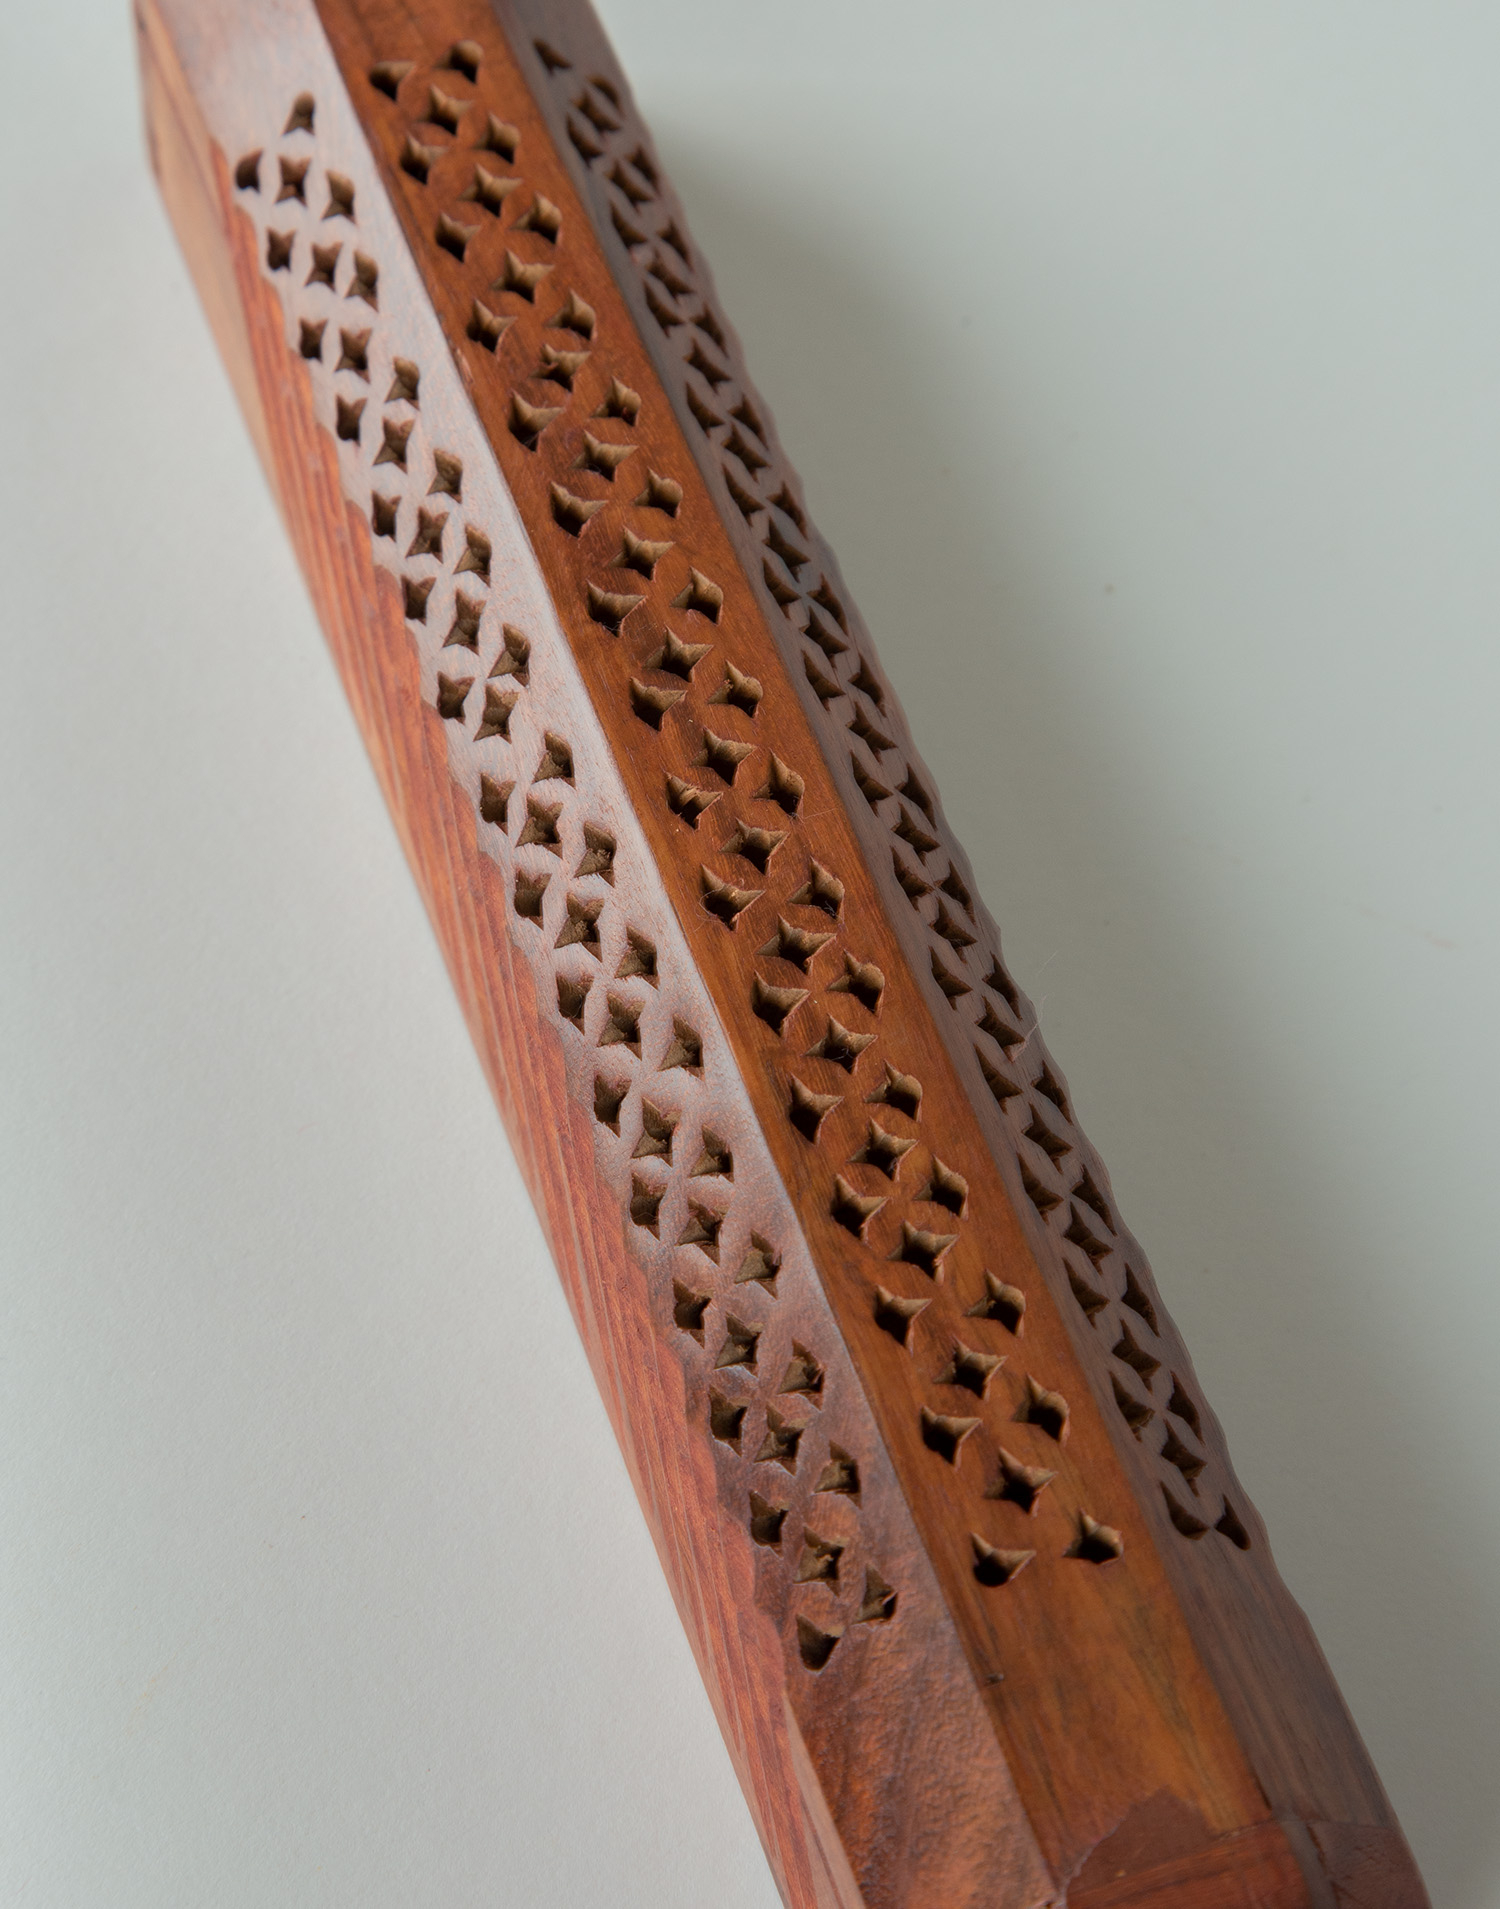 Wooden box censer